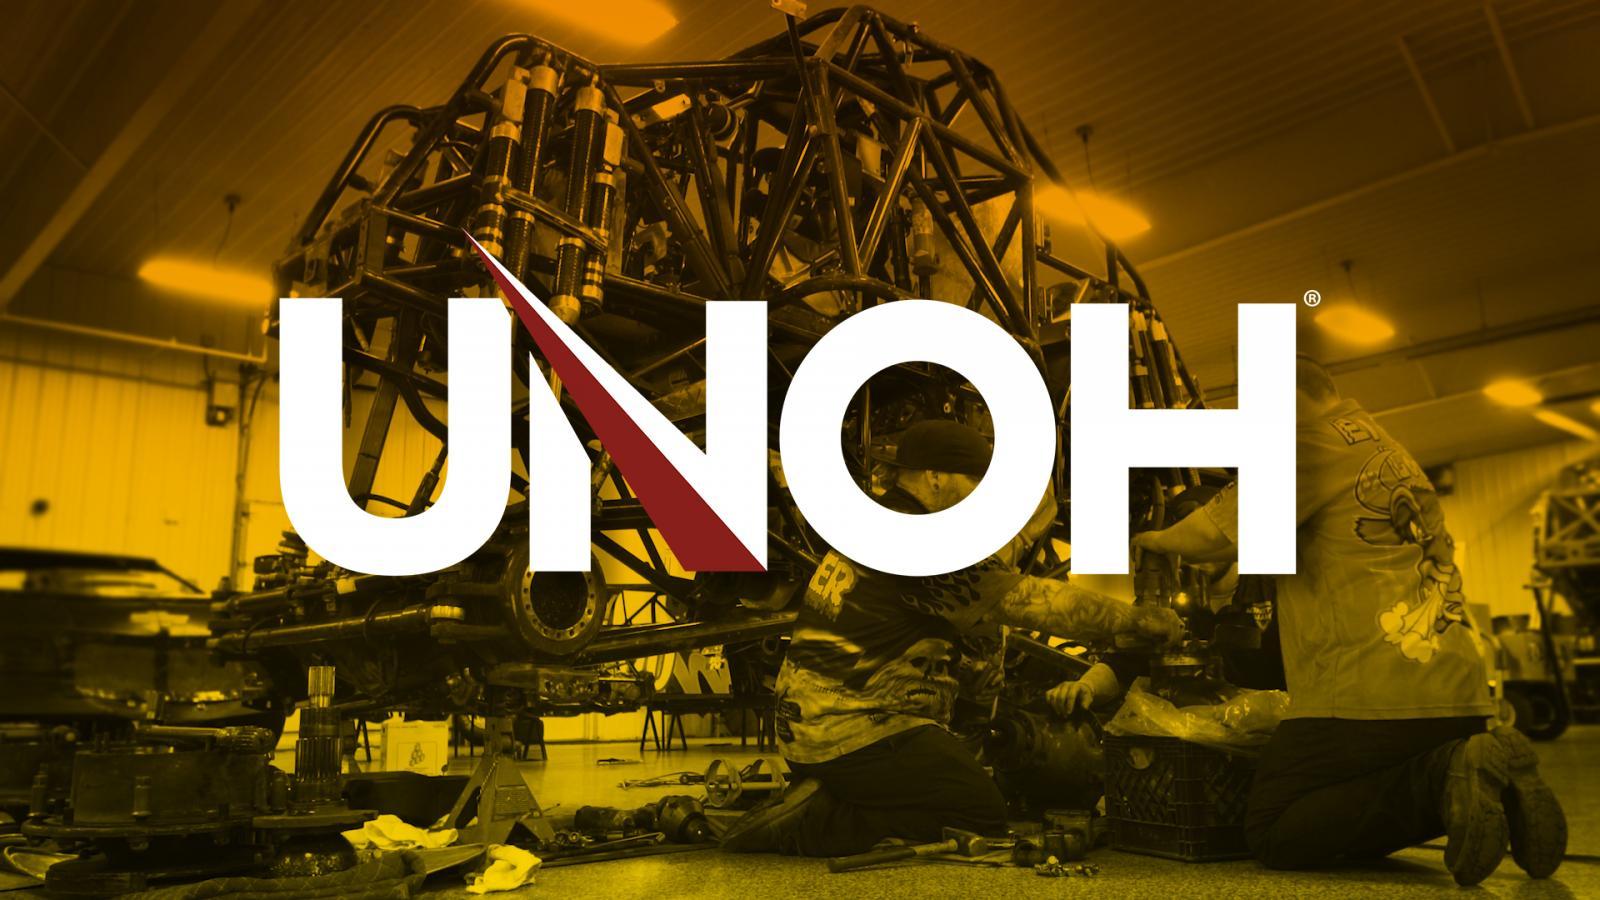 jumbotron-image